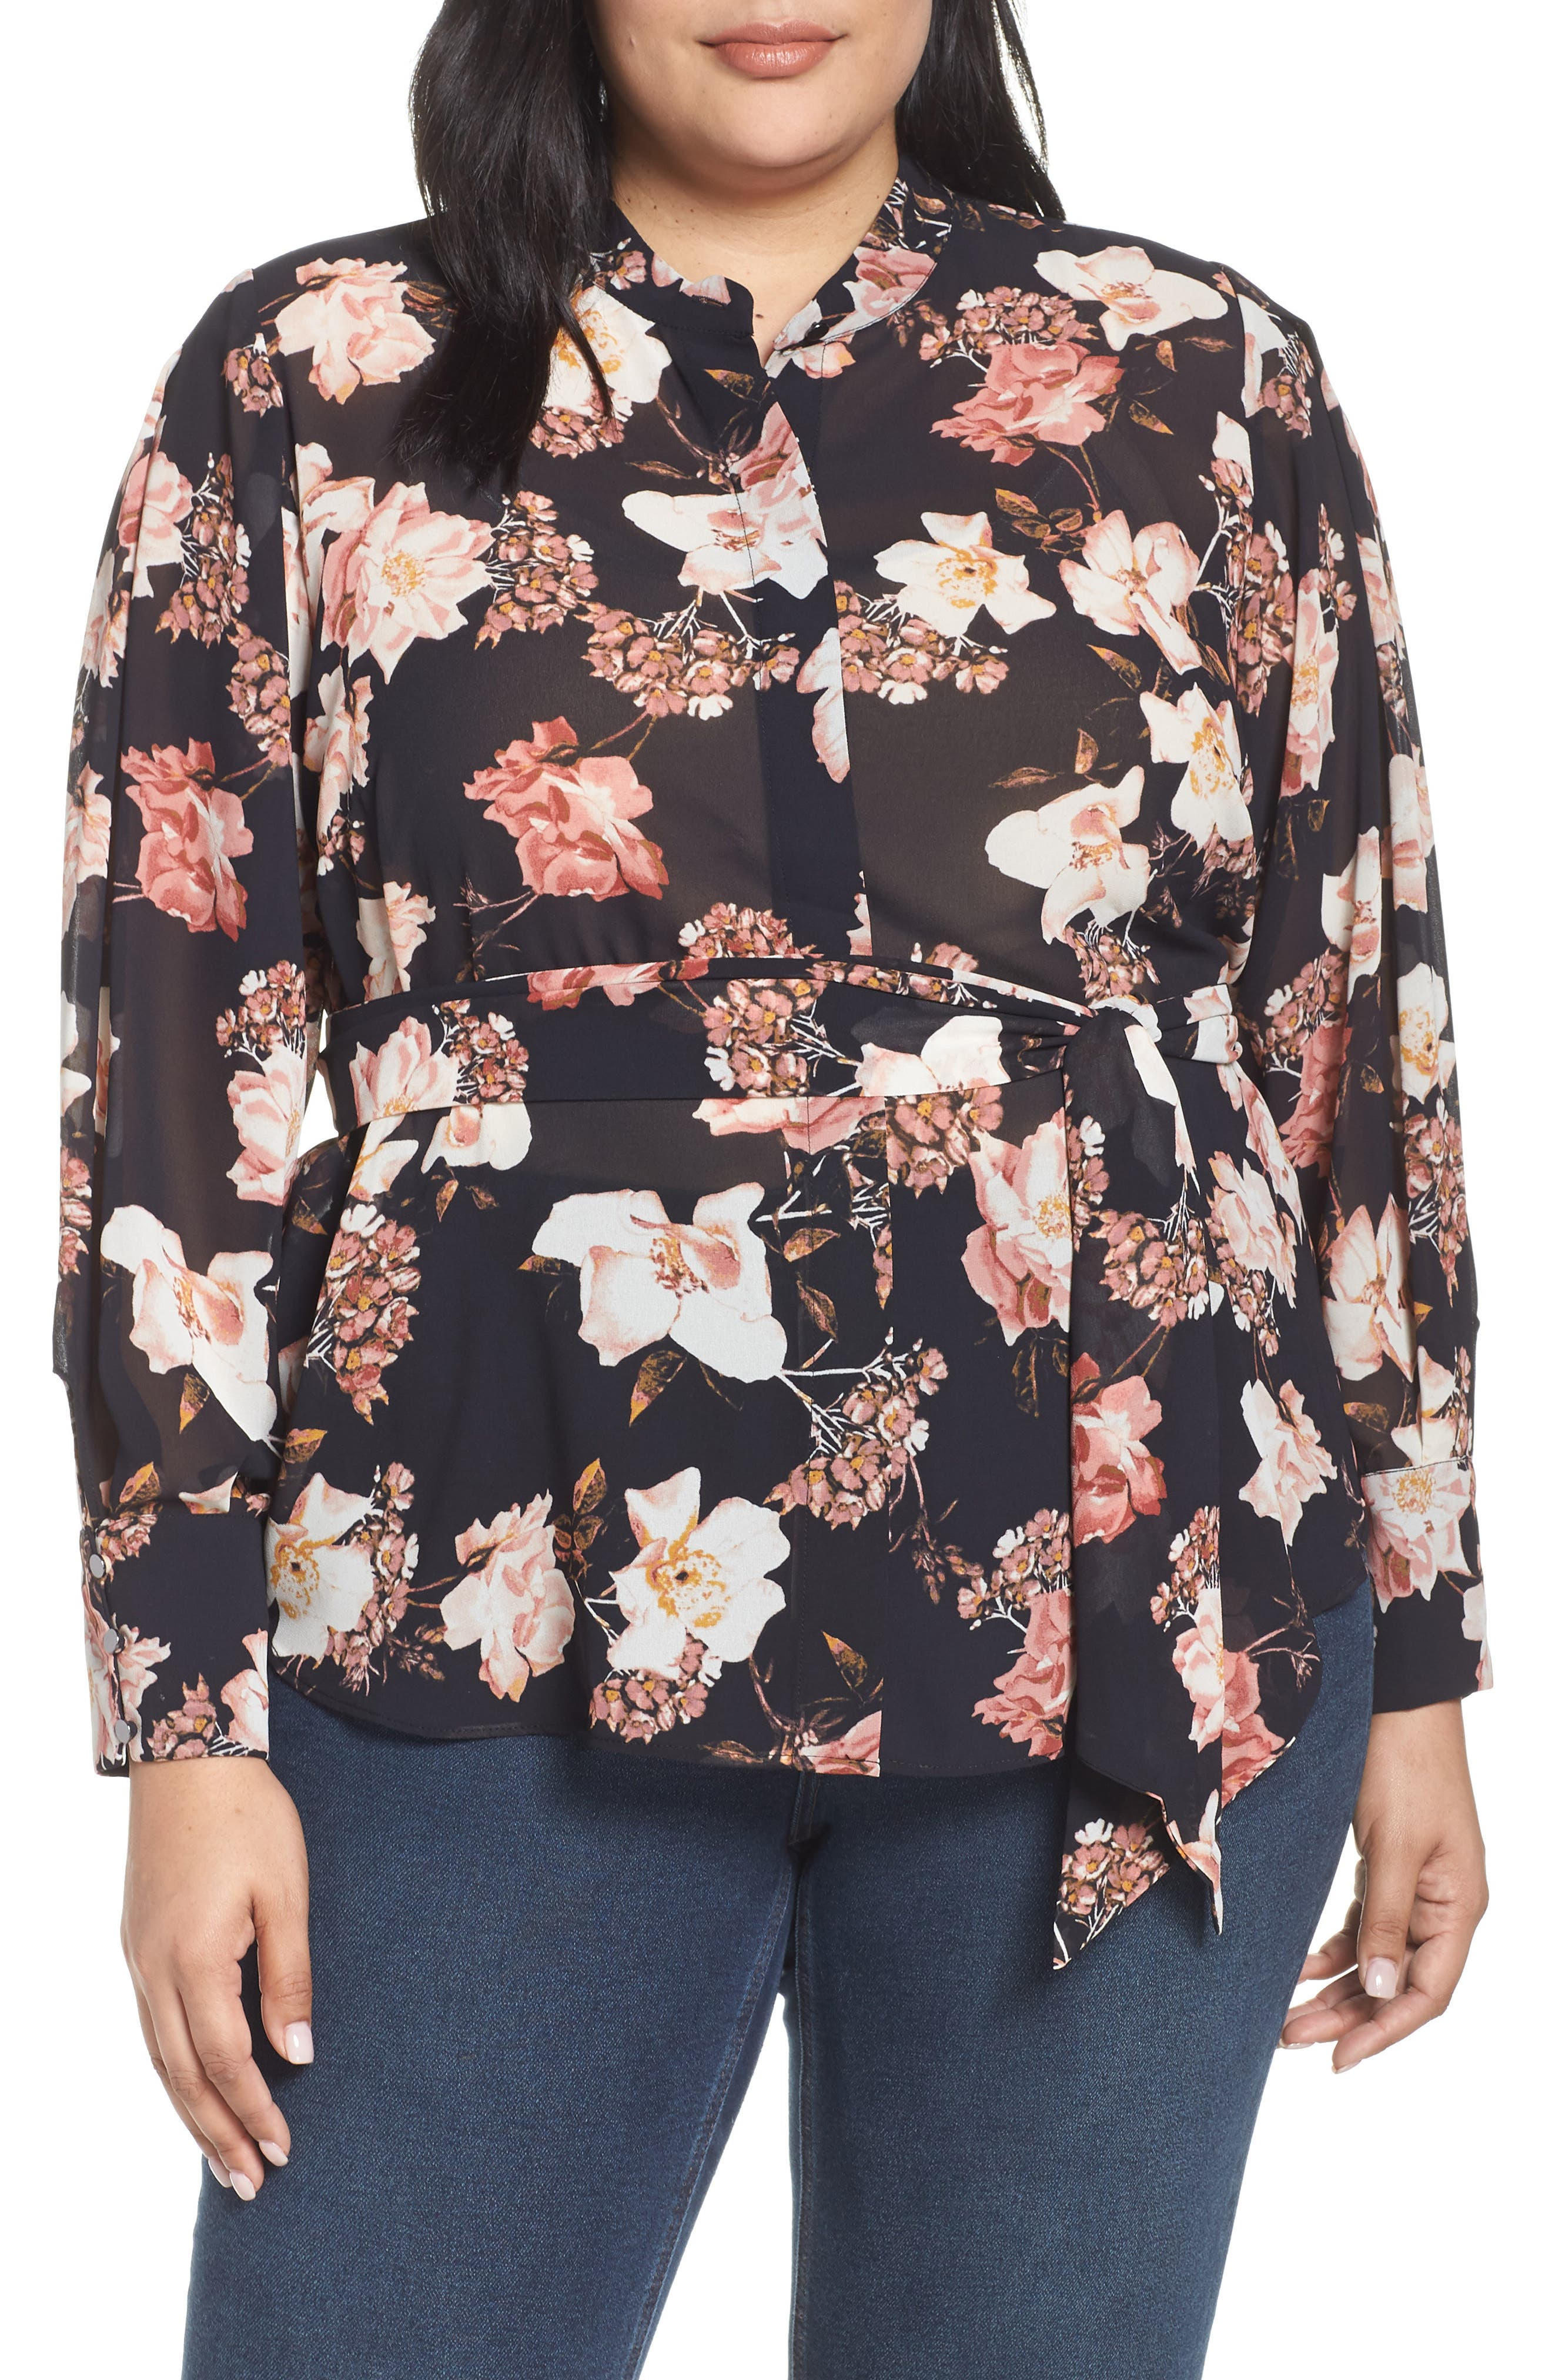 RACHEL ROY COLLECTION,                             Floral Tie Blouse,                             Main thumbnail 1, color,                             BLACK COMBO